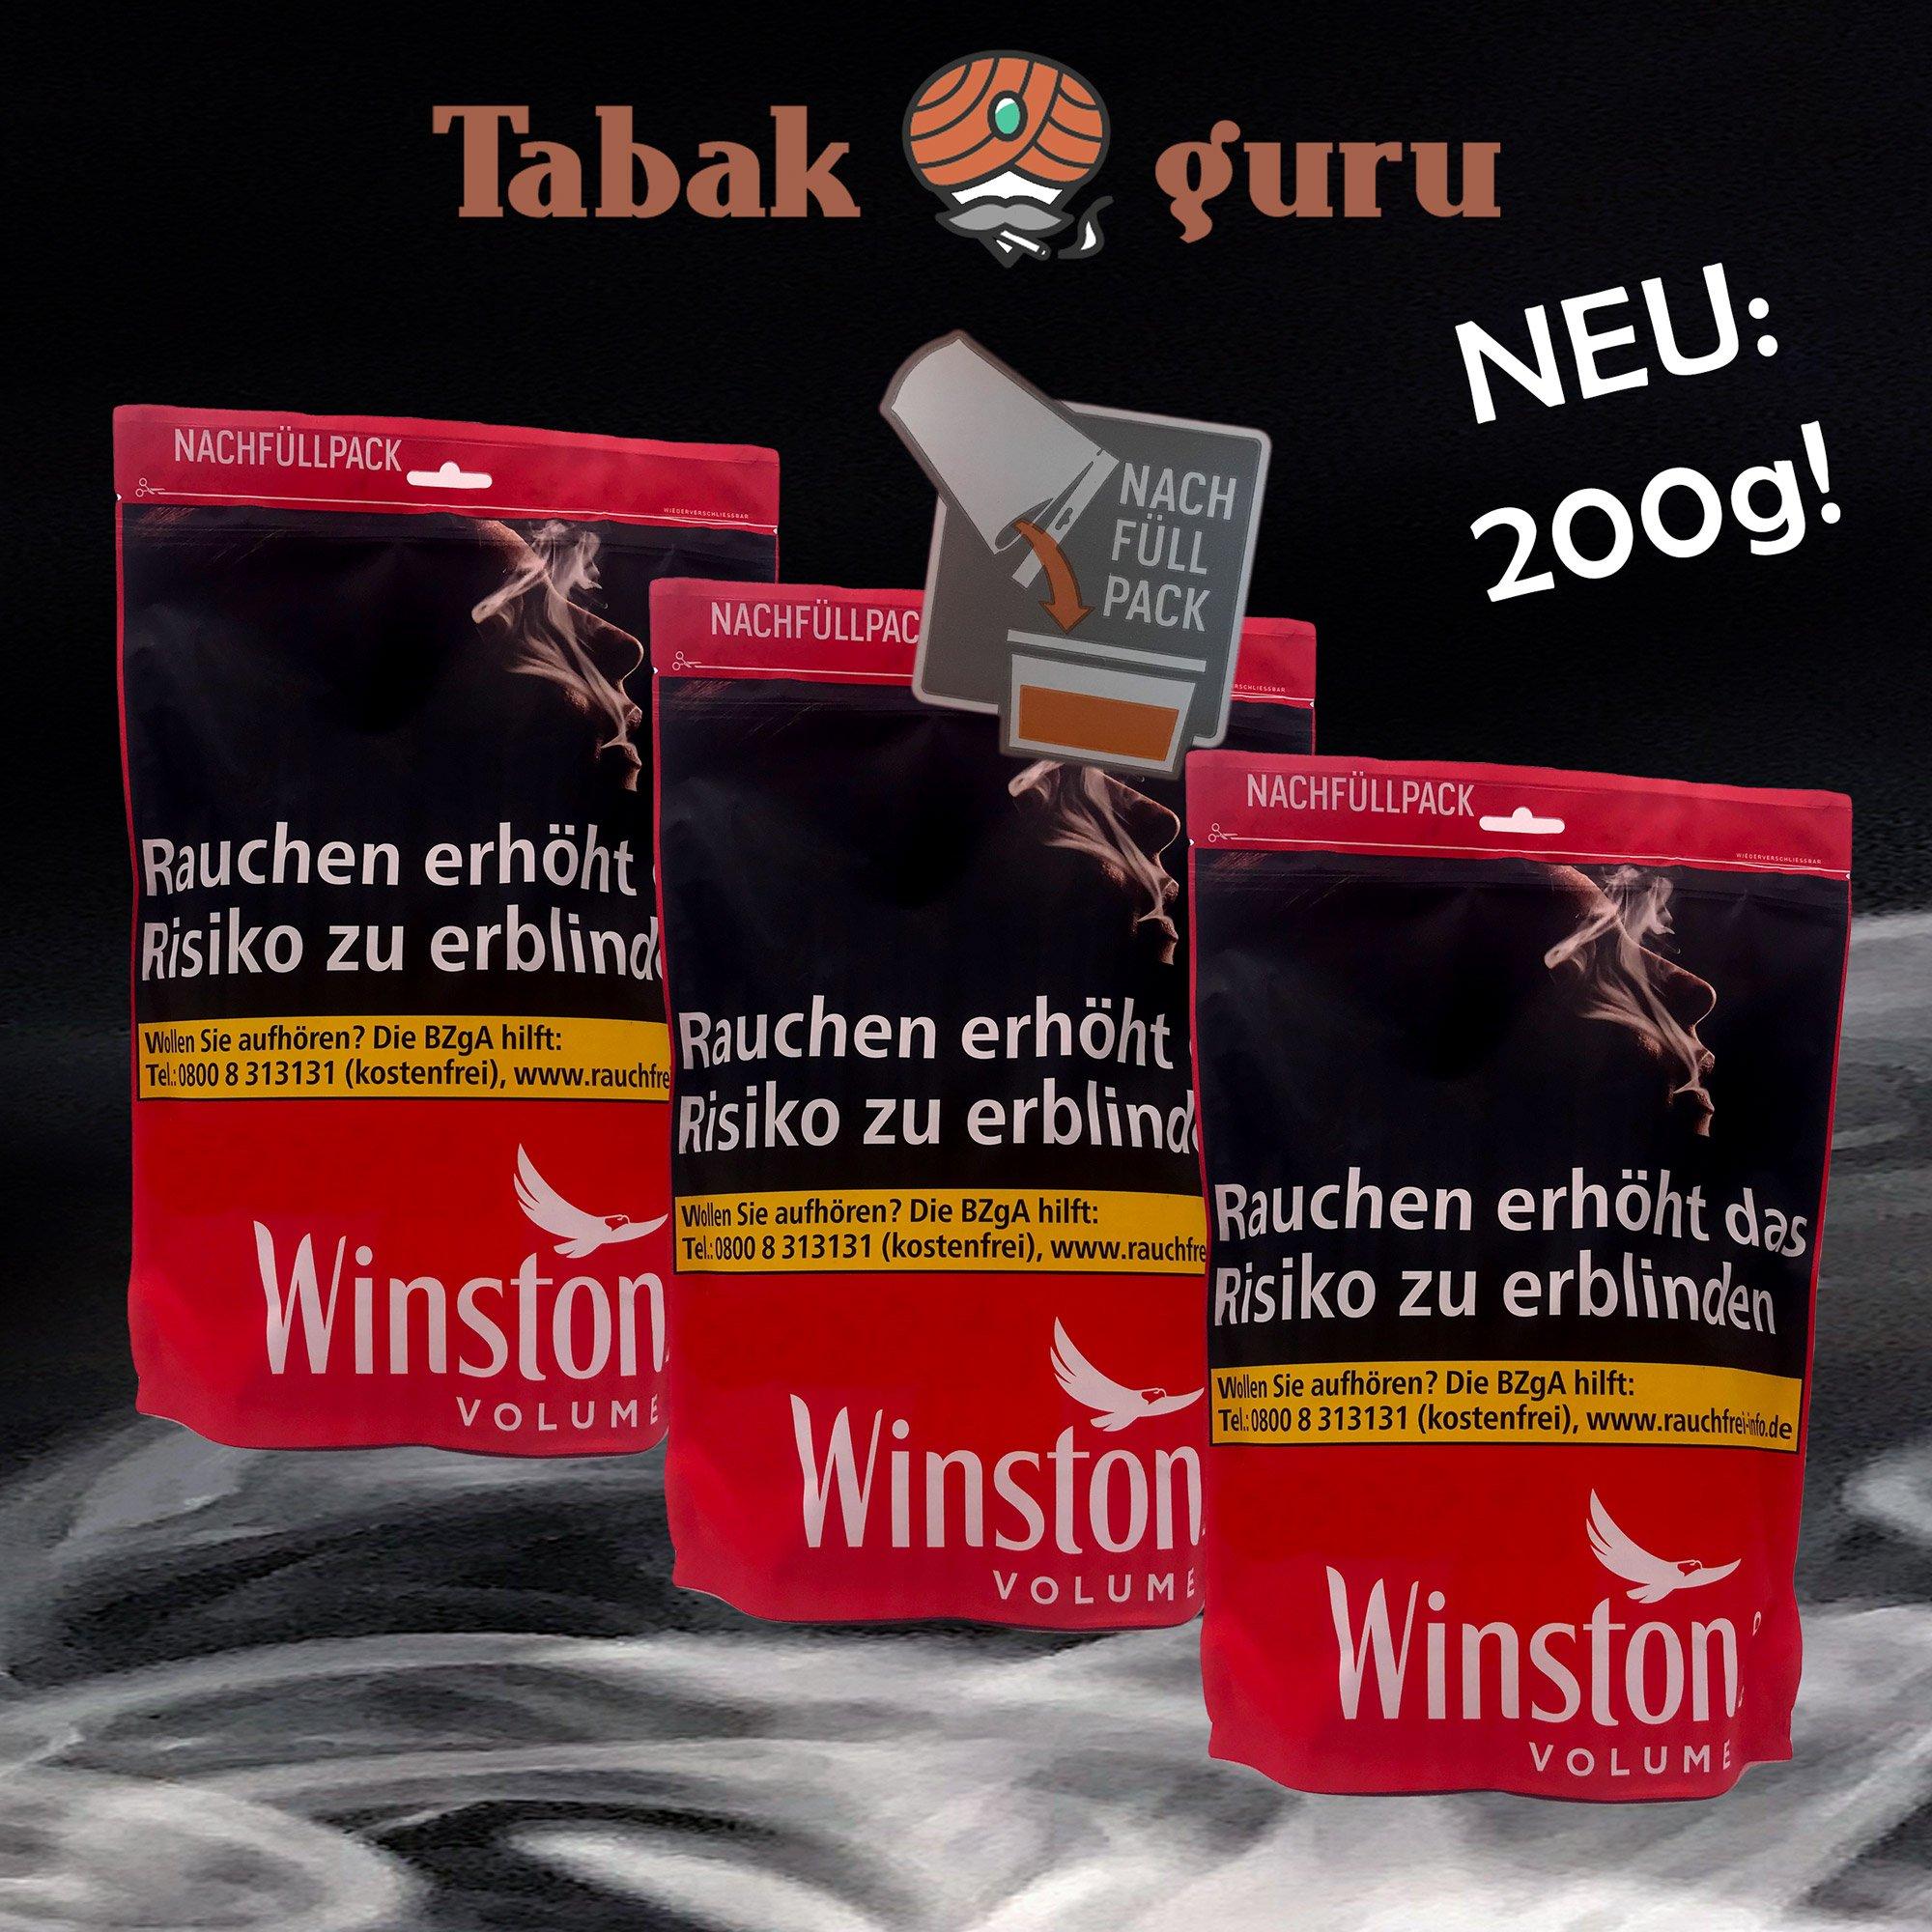 3 x Winston Volume Red Tabak Nachfüllpack 200g Beutel